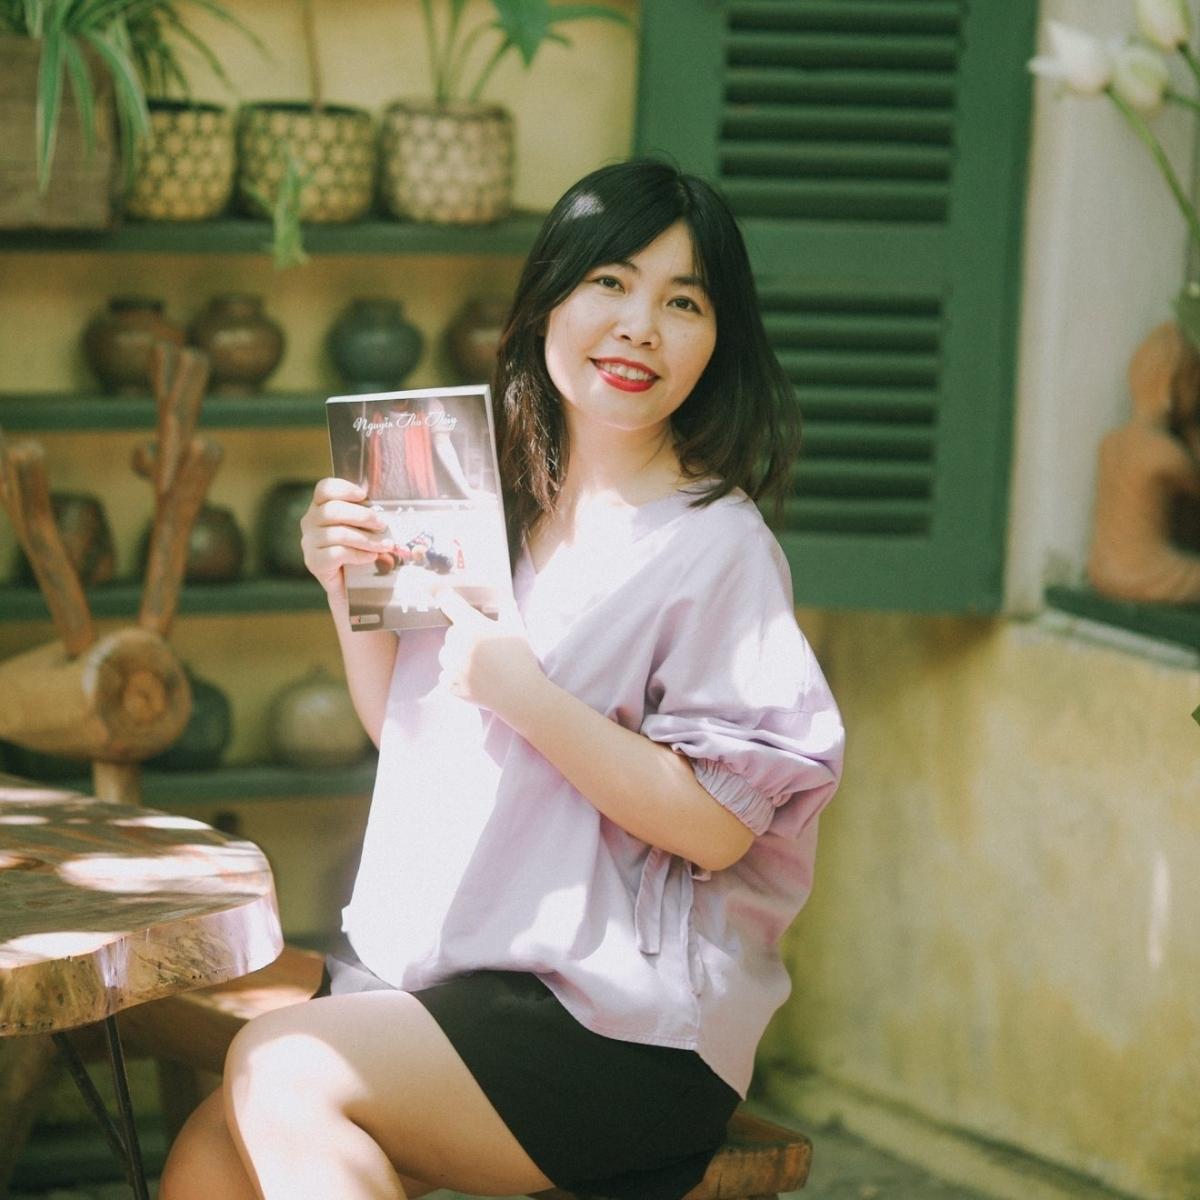 Biên kịch Thu Thủy cho rằng làm nghề này là cô được sống nhiều cuộc đời.